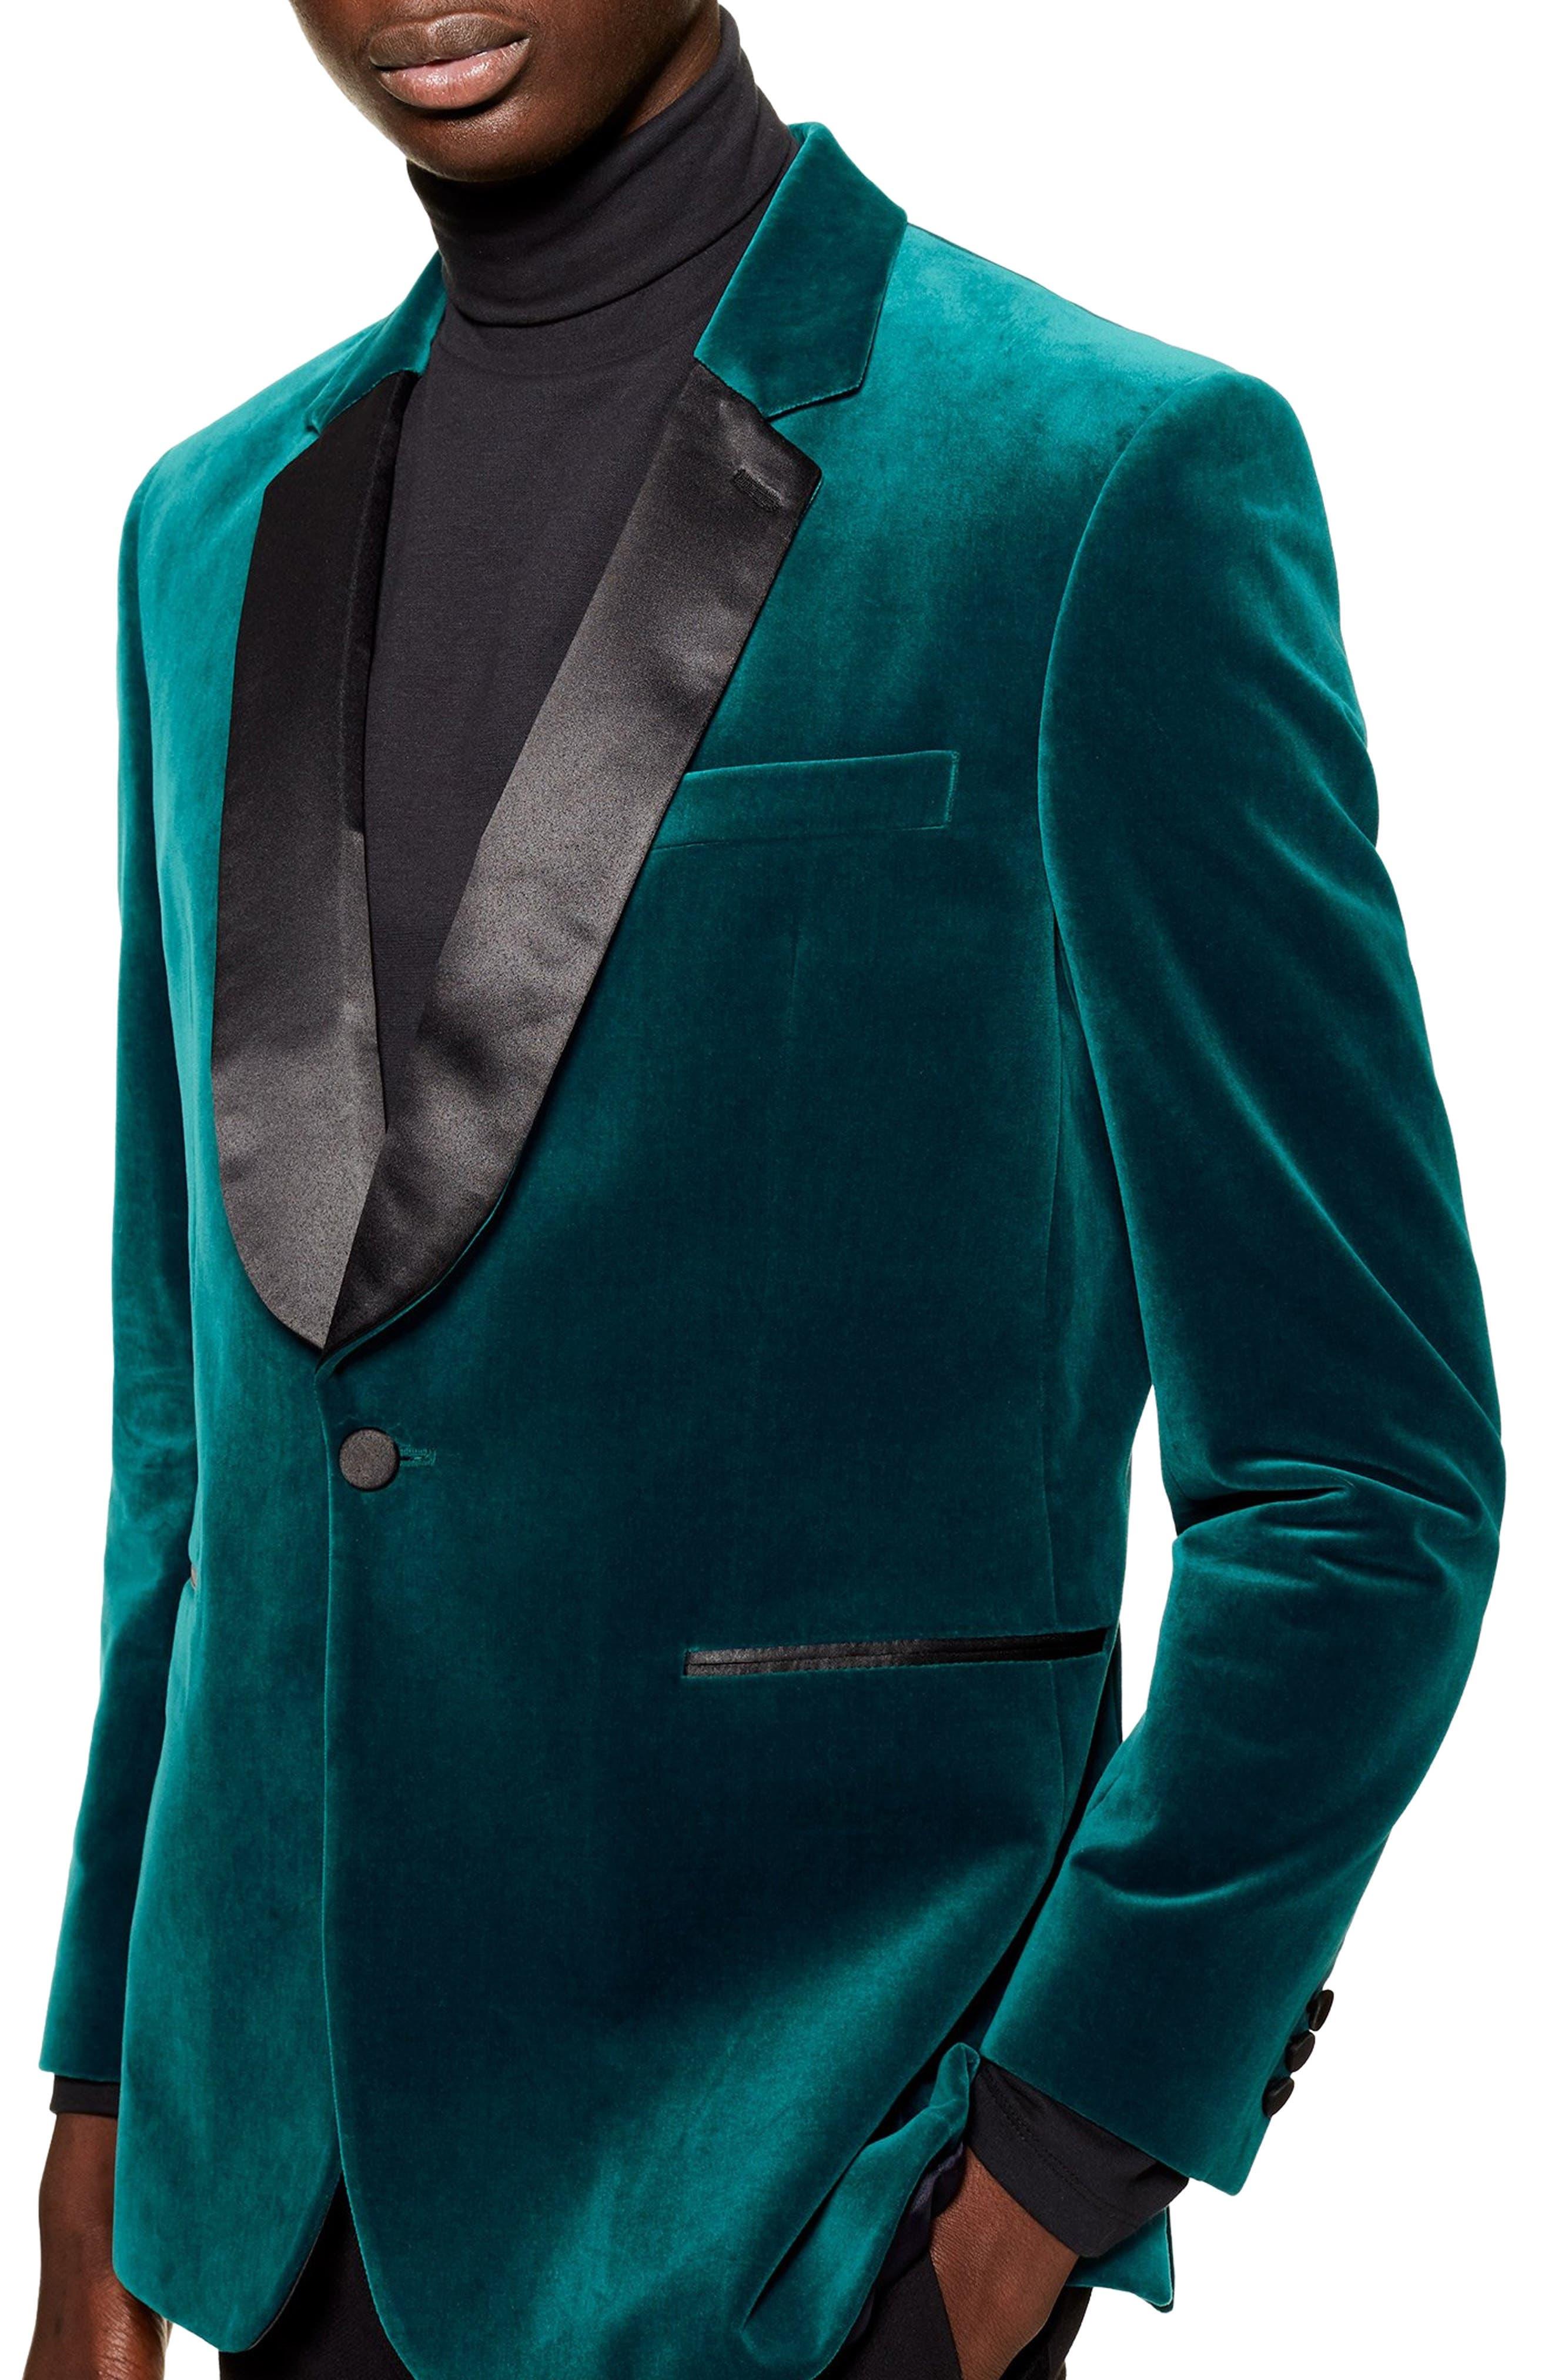 TOPMAN Casely Hayford Skinny Fit Velvet Blazer, Main, color, BLUE MULTI